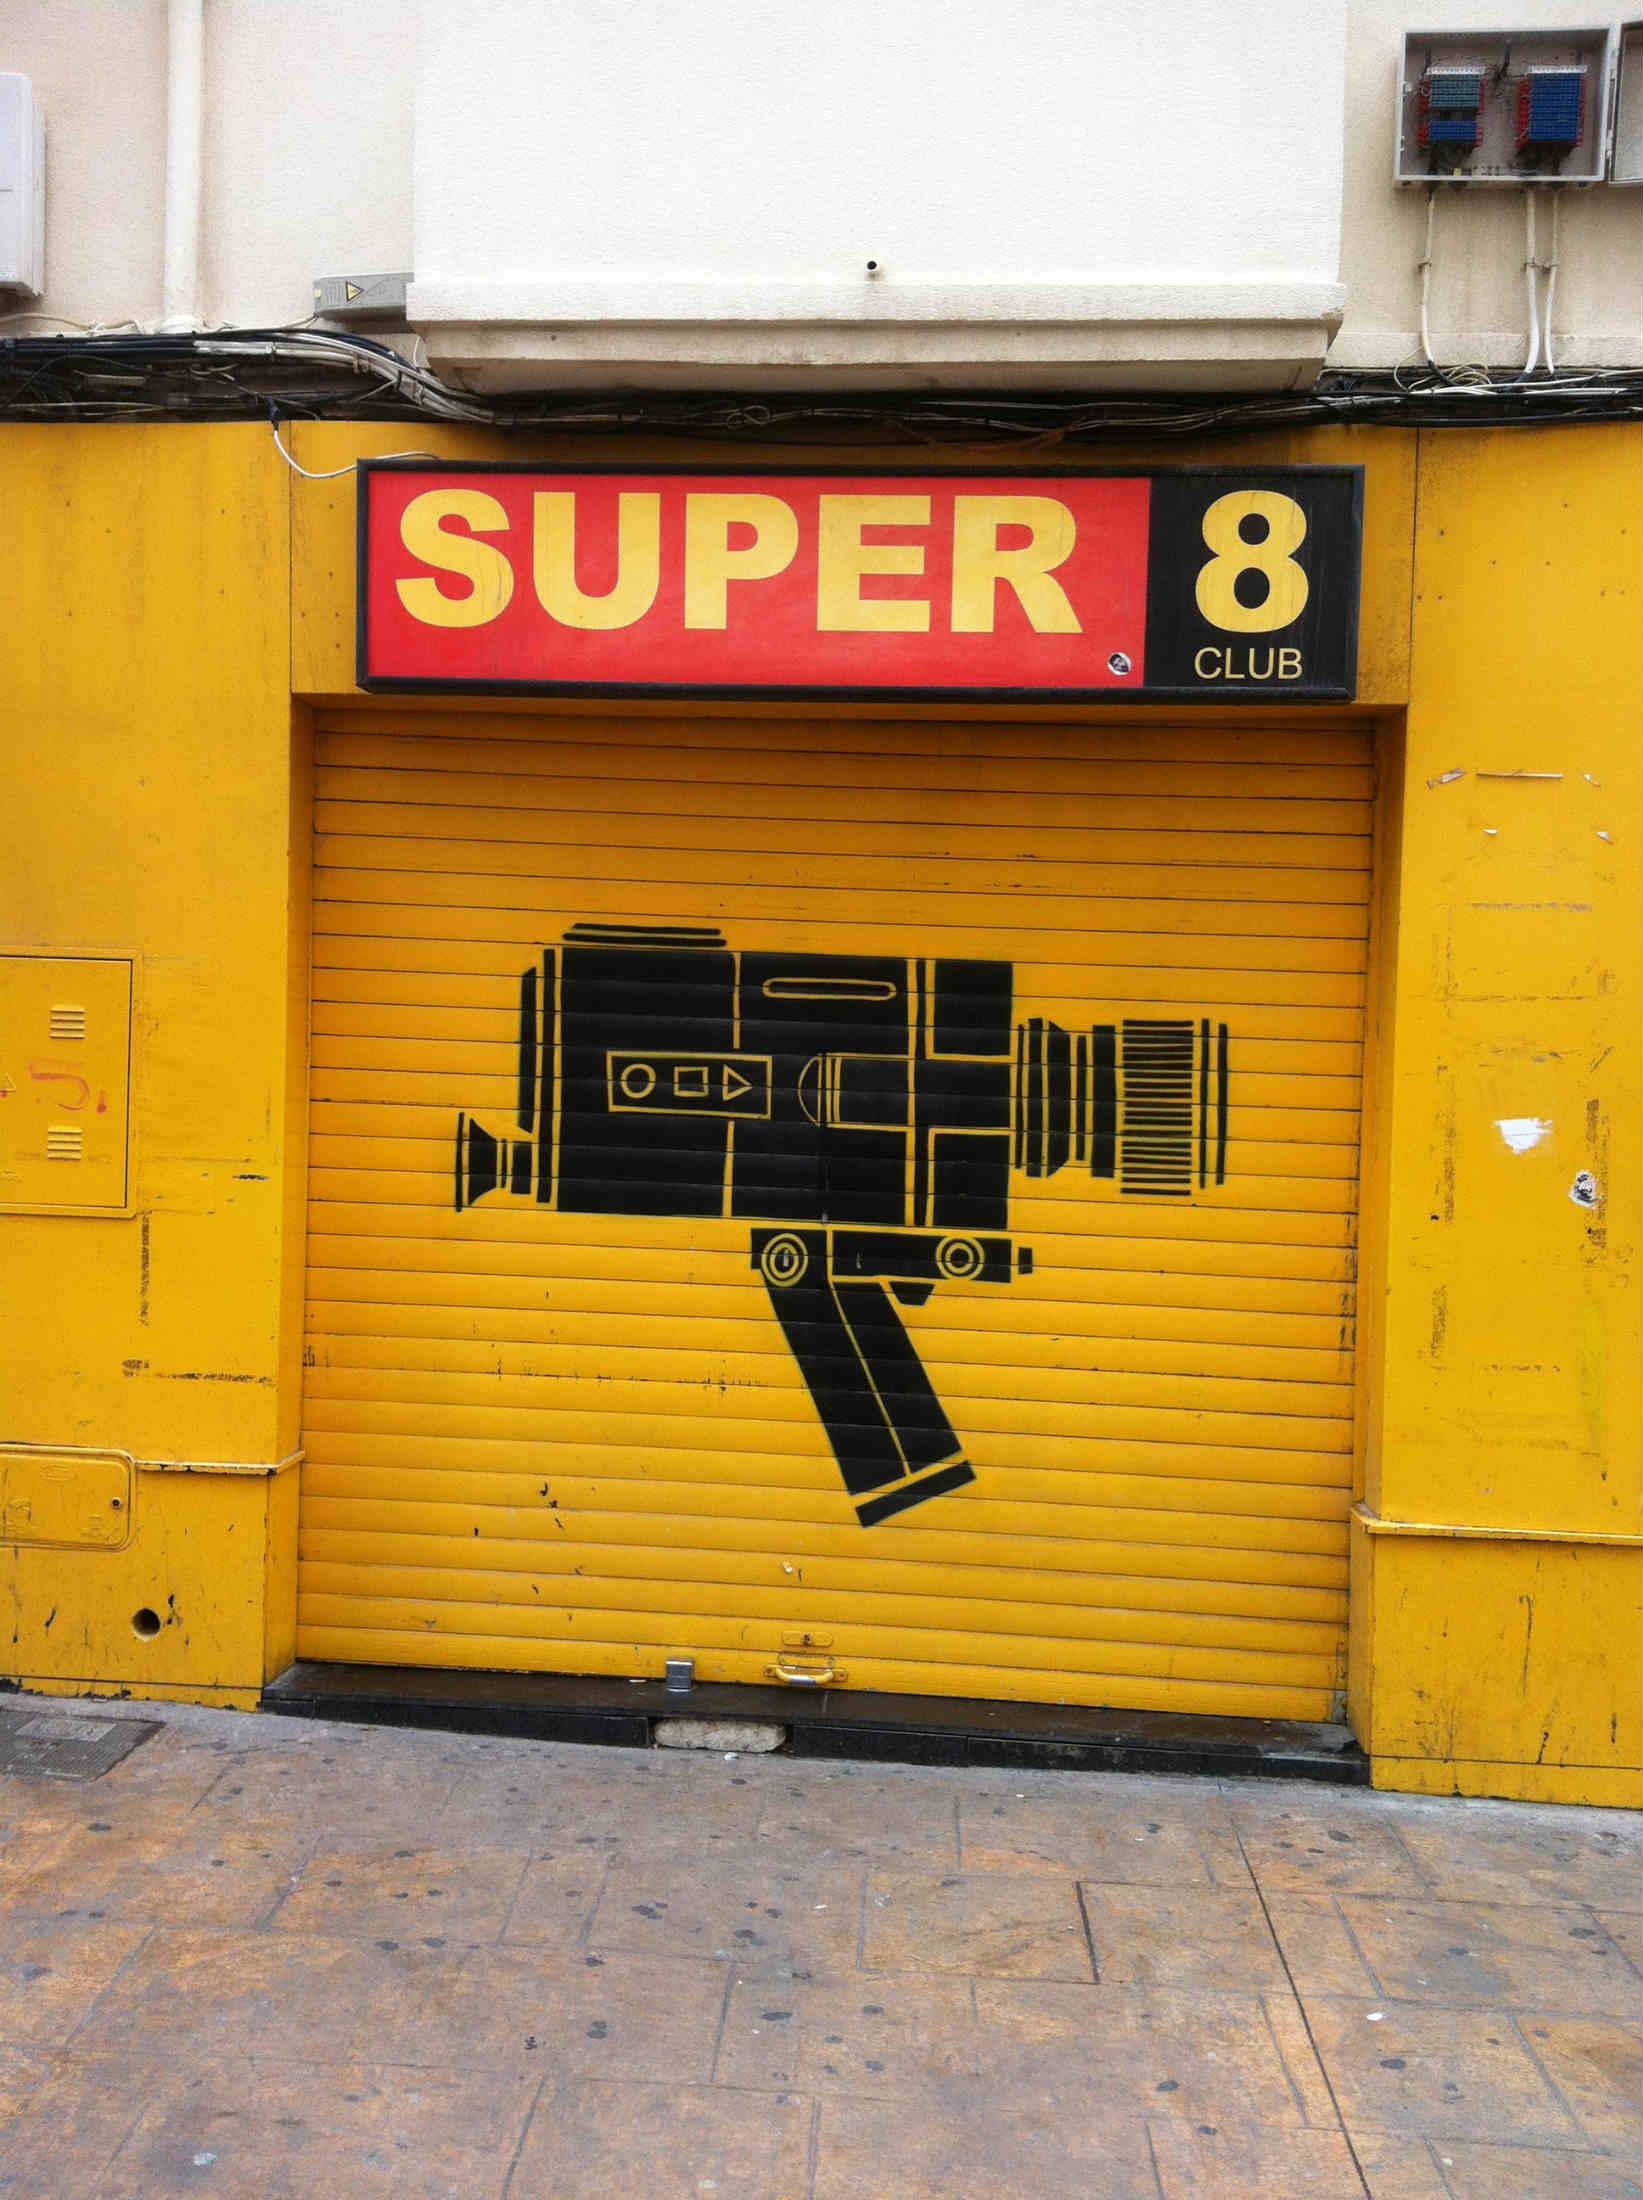 Super 8 club Almeria